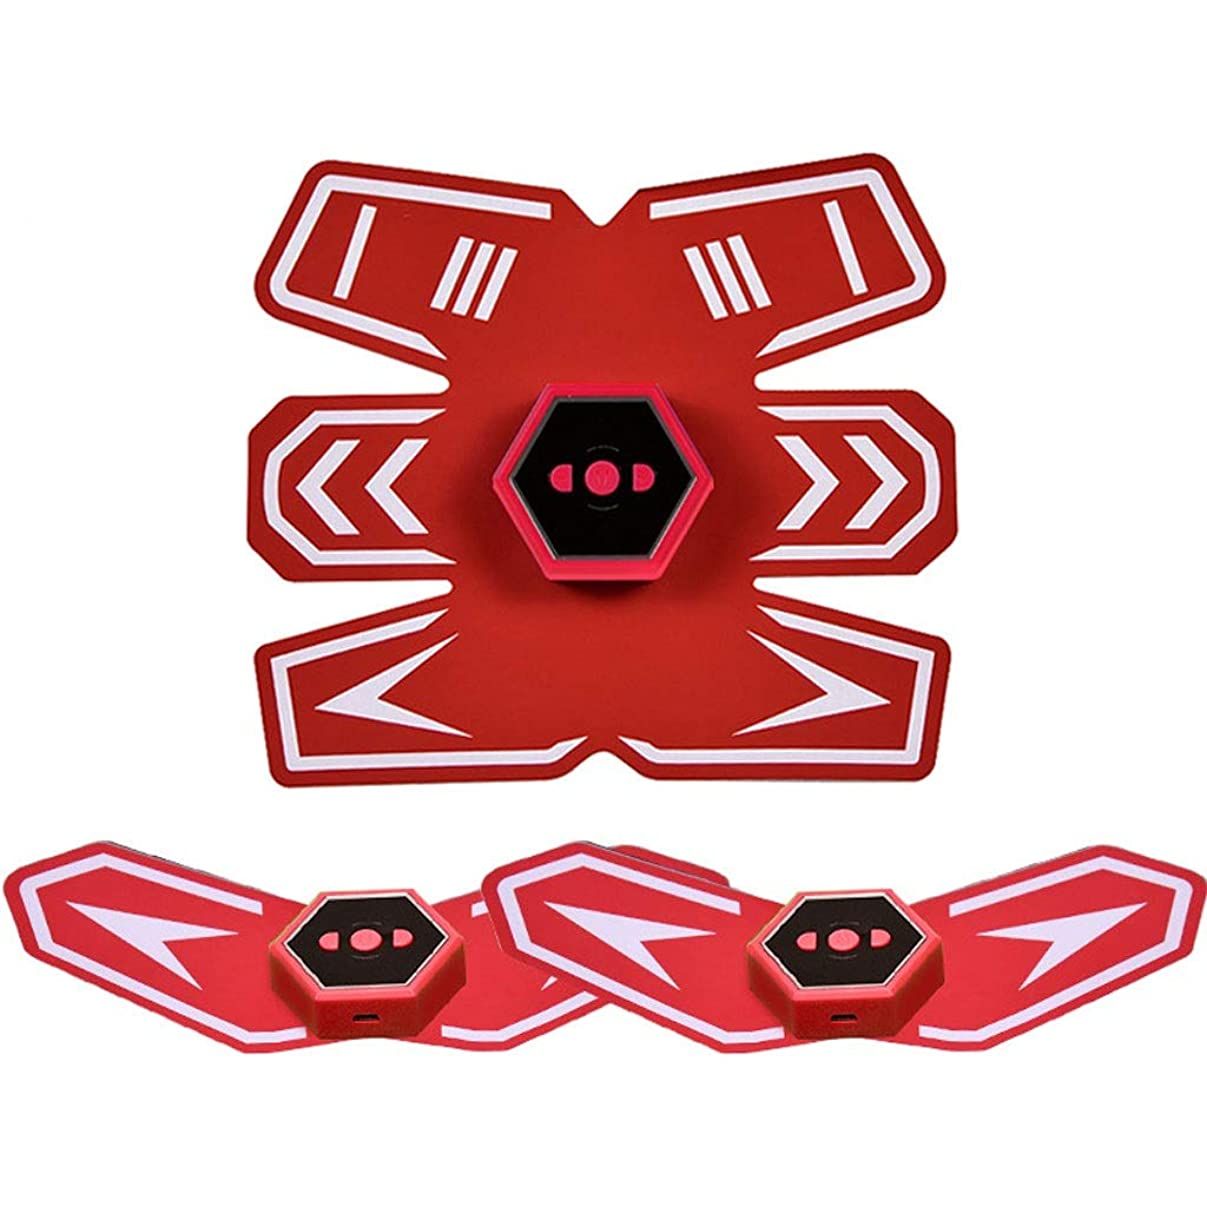 北極圏勝つ撃退するスマートベルト腹部楽器筋肉ペースト男性と女性の筋肉腹部怠惰な腹部筋肉フィットネス機器とインテリジェント音声放送&USB充電 (Color : Red)